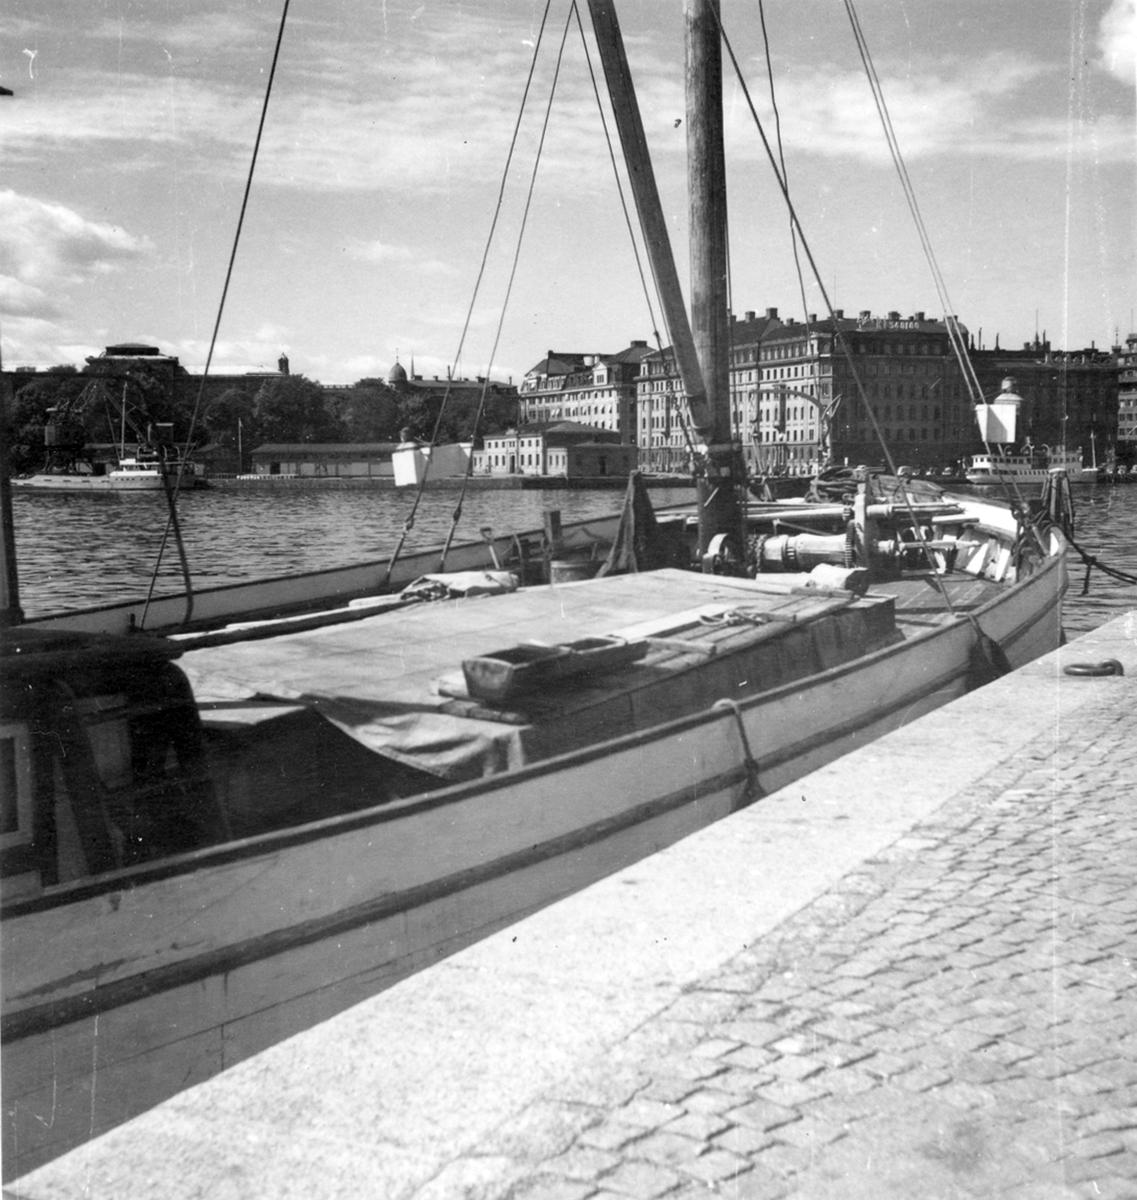 Uppland, Stockholms län, Frötuna skeppslag, Länna socken, vedjakten Pärlan, liggande vid Strandbvägen, Sthlm.